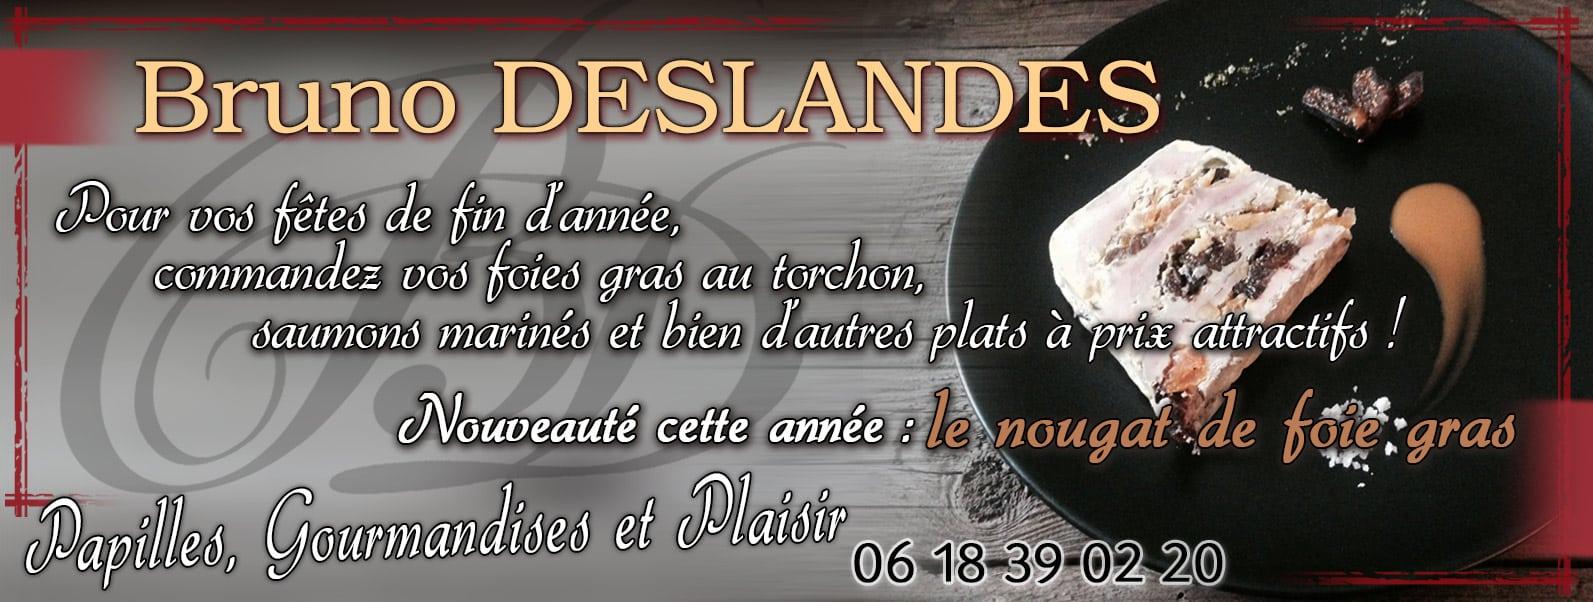 BRUNO DESLANDES Bannière Facebook